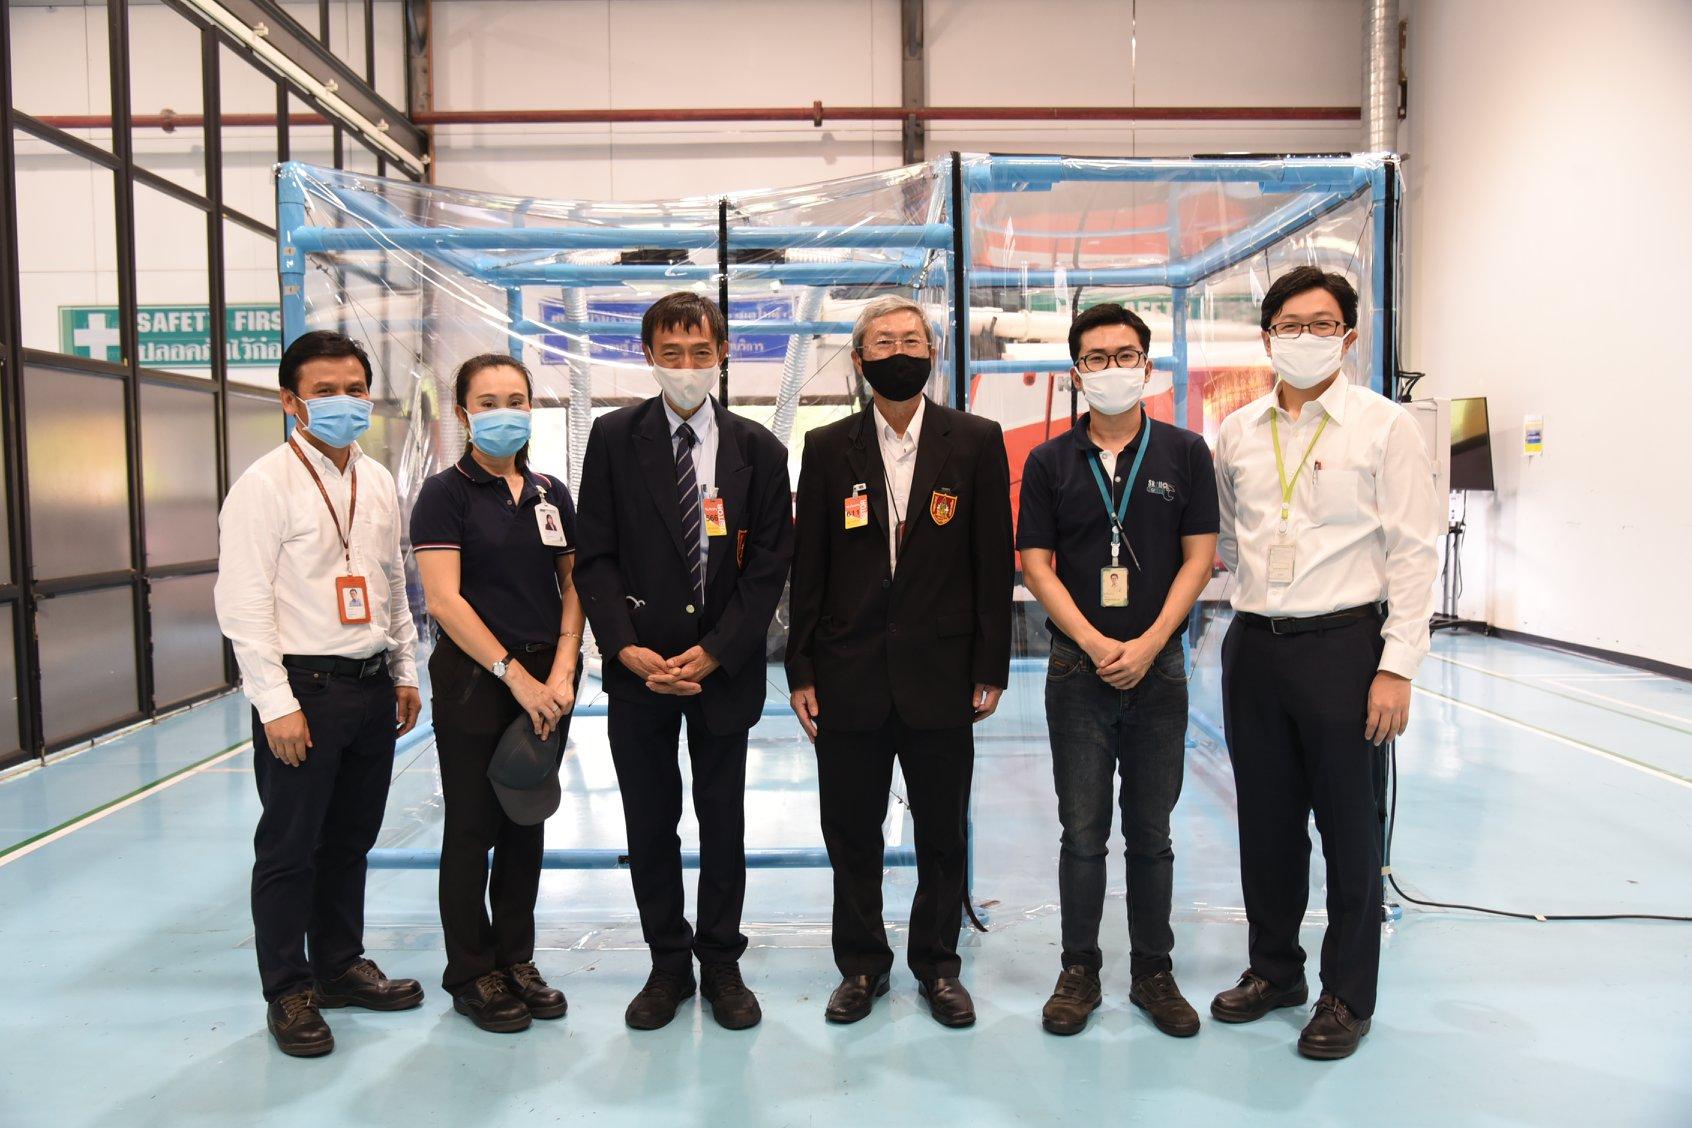 บริษัท สยามคูโบต้าฯช่วยเหลือสังคมบรรเทาทุกข์ให้กับคนไทยด้วยการประกอบตู้ความดันลบแบบที่ 3 EIT-01-3/31032020 ตามรูปแบบ วสท. จำนวน 20 ตู้